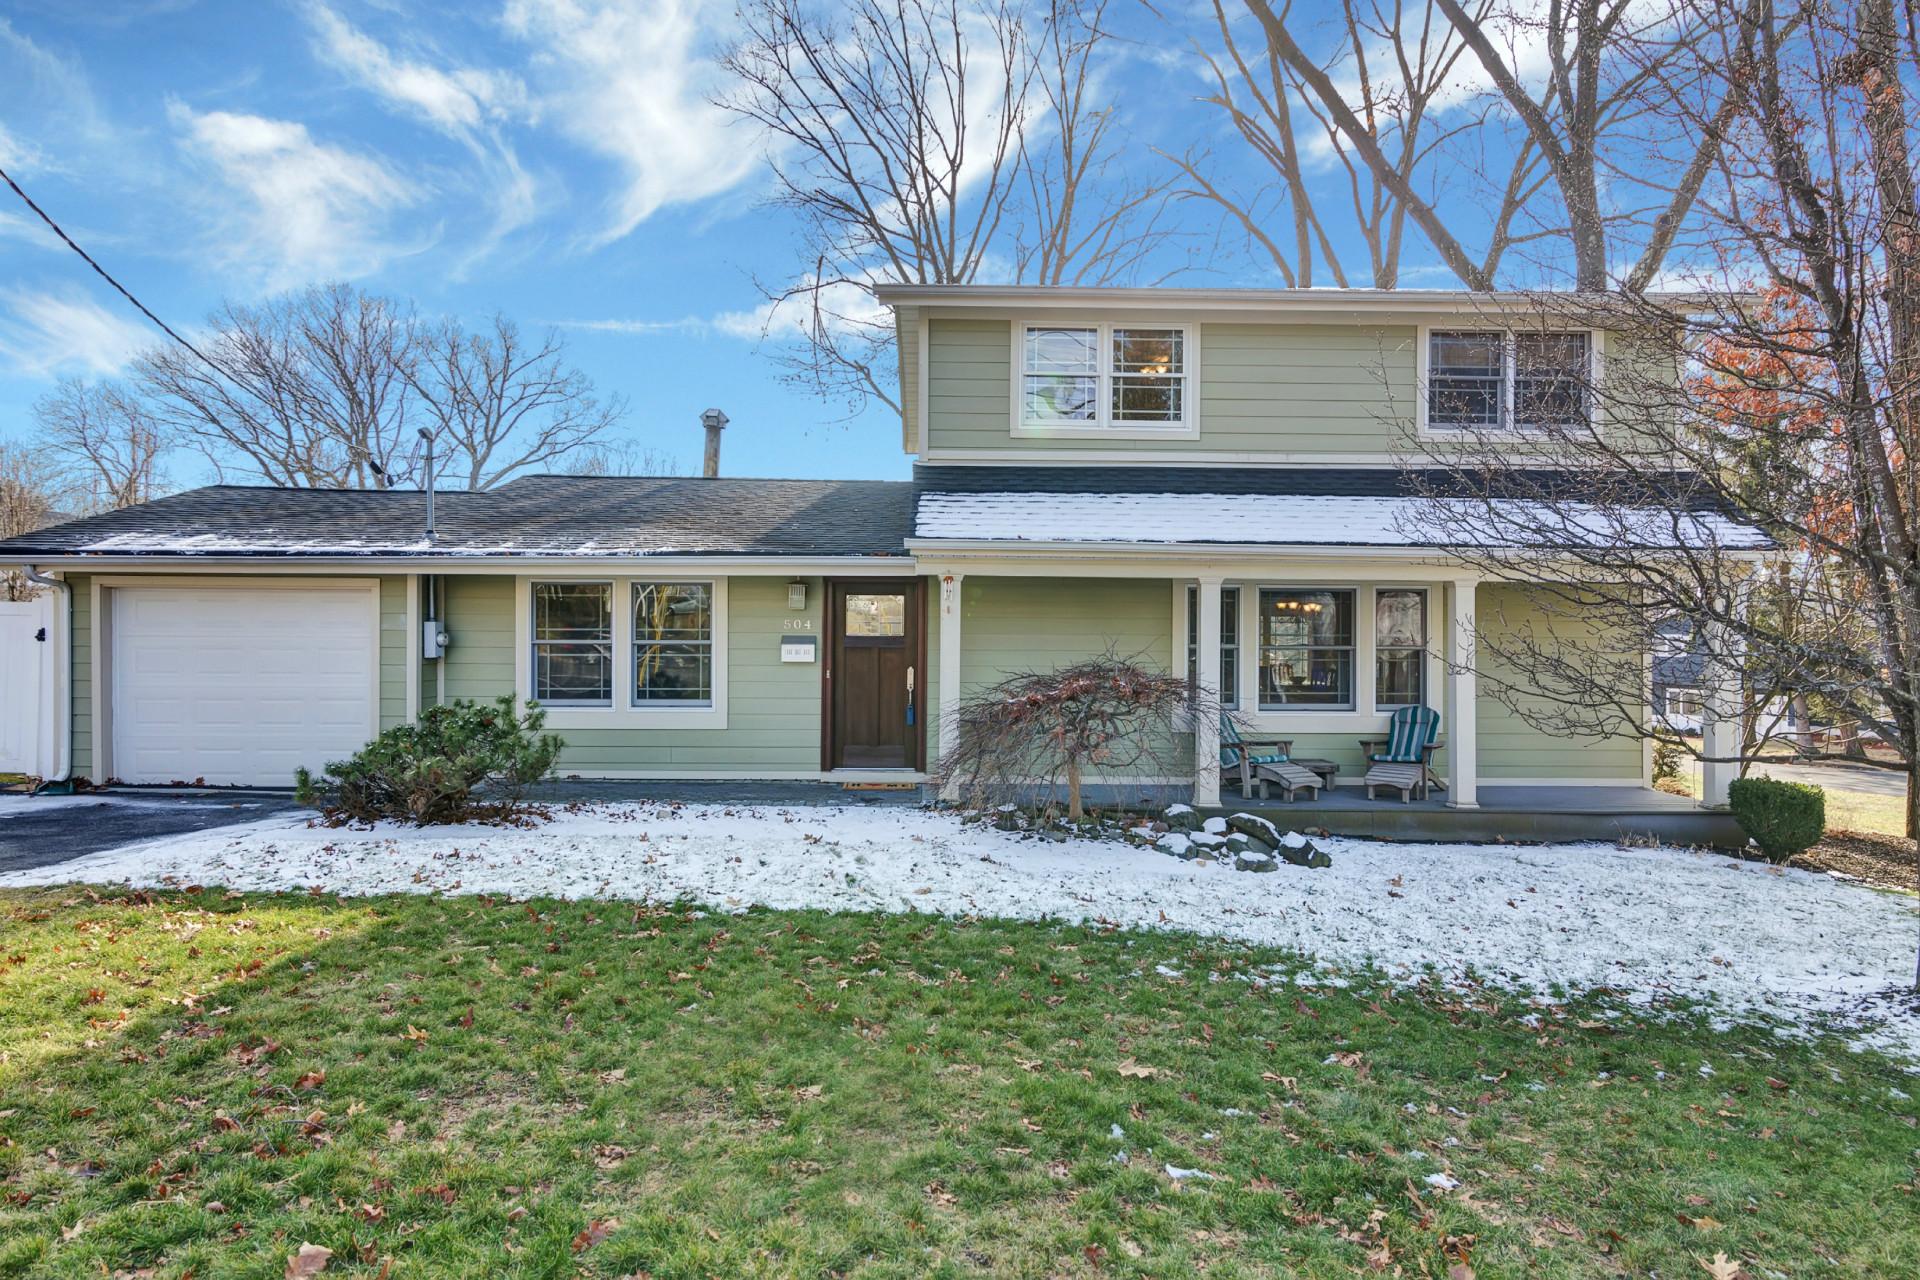 Casa Unifamiliar por un Venta en Move In Ready 504 Clinton Ave Northvale, Nueva Jersey 07647 Estados Unidos